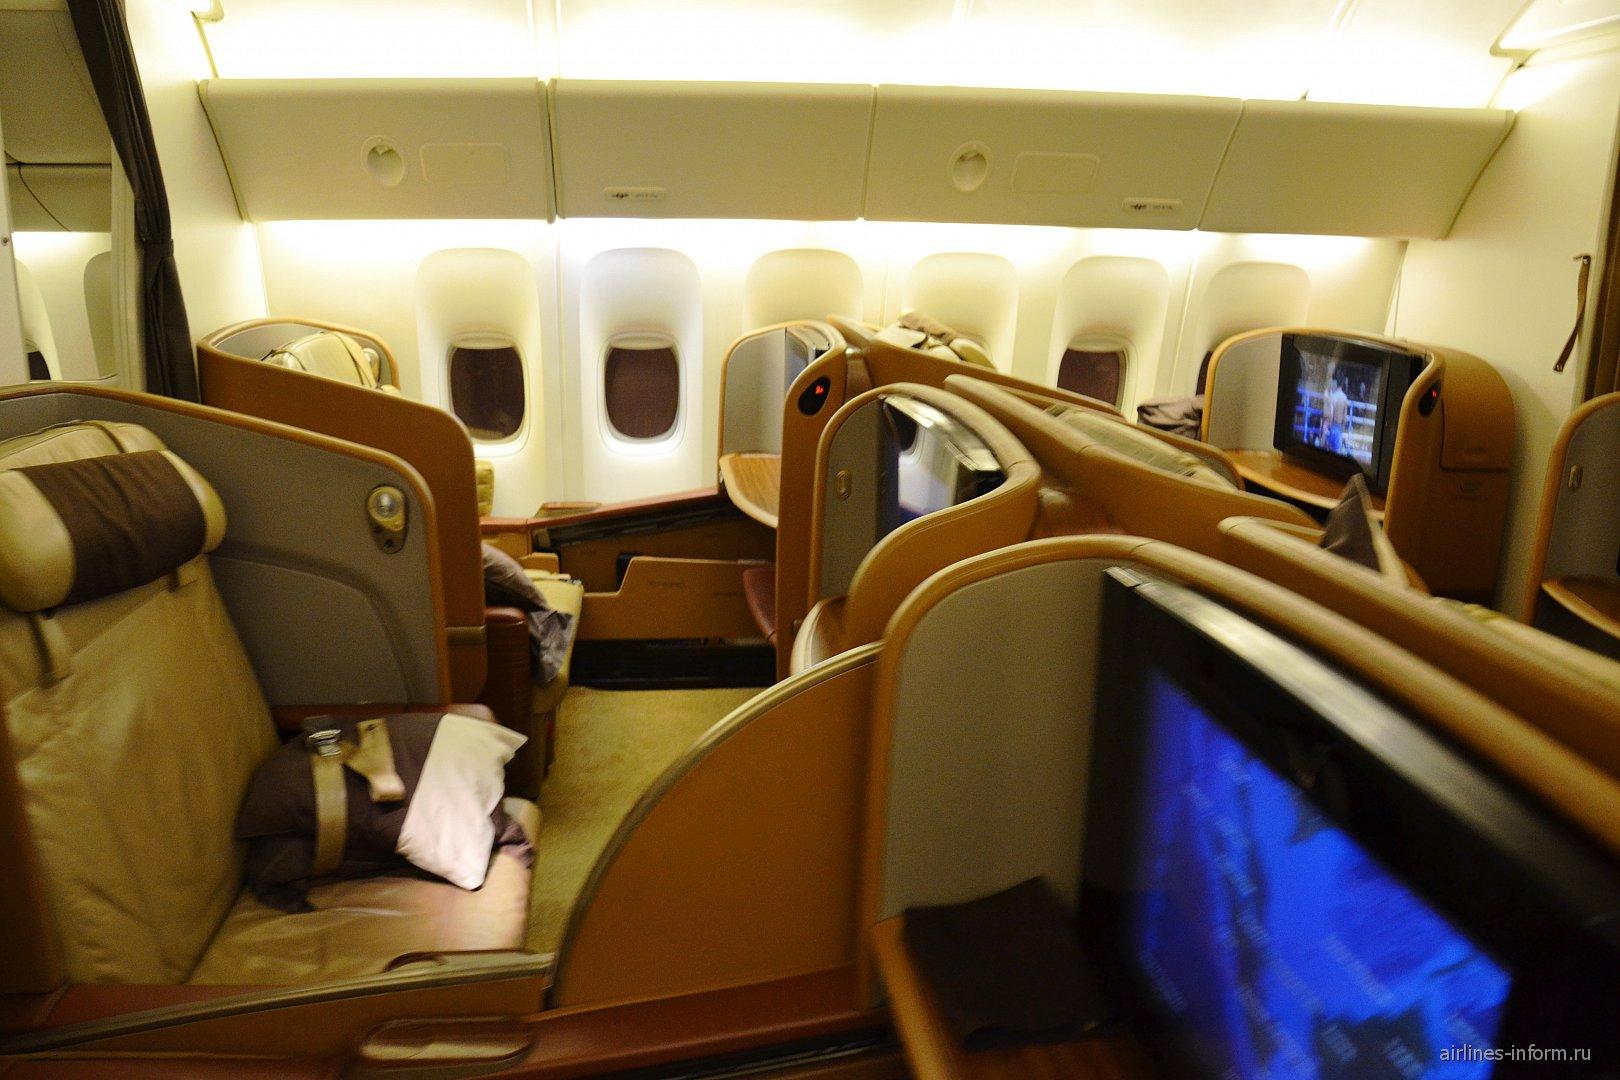 Первый класс в самолете Боинг-777-300 Сингапурских авиалиний